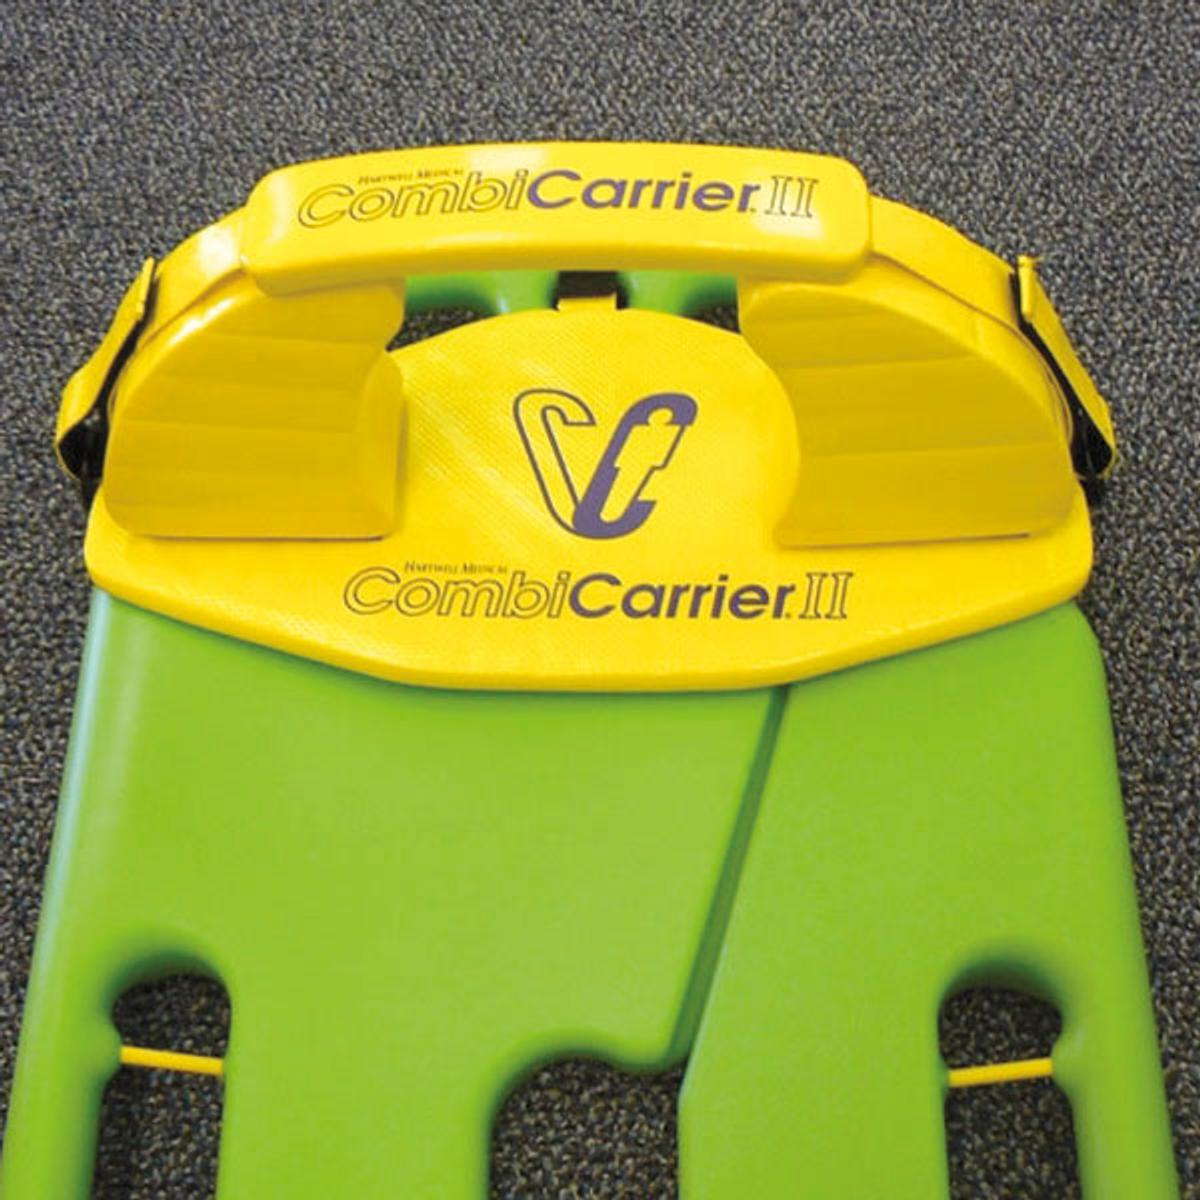 Combi Carrier II